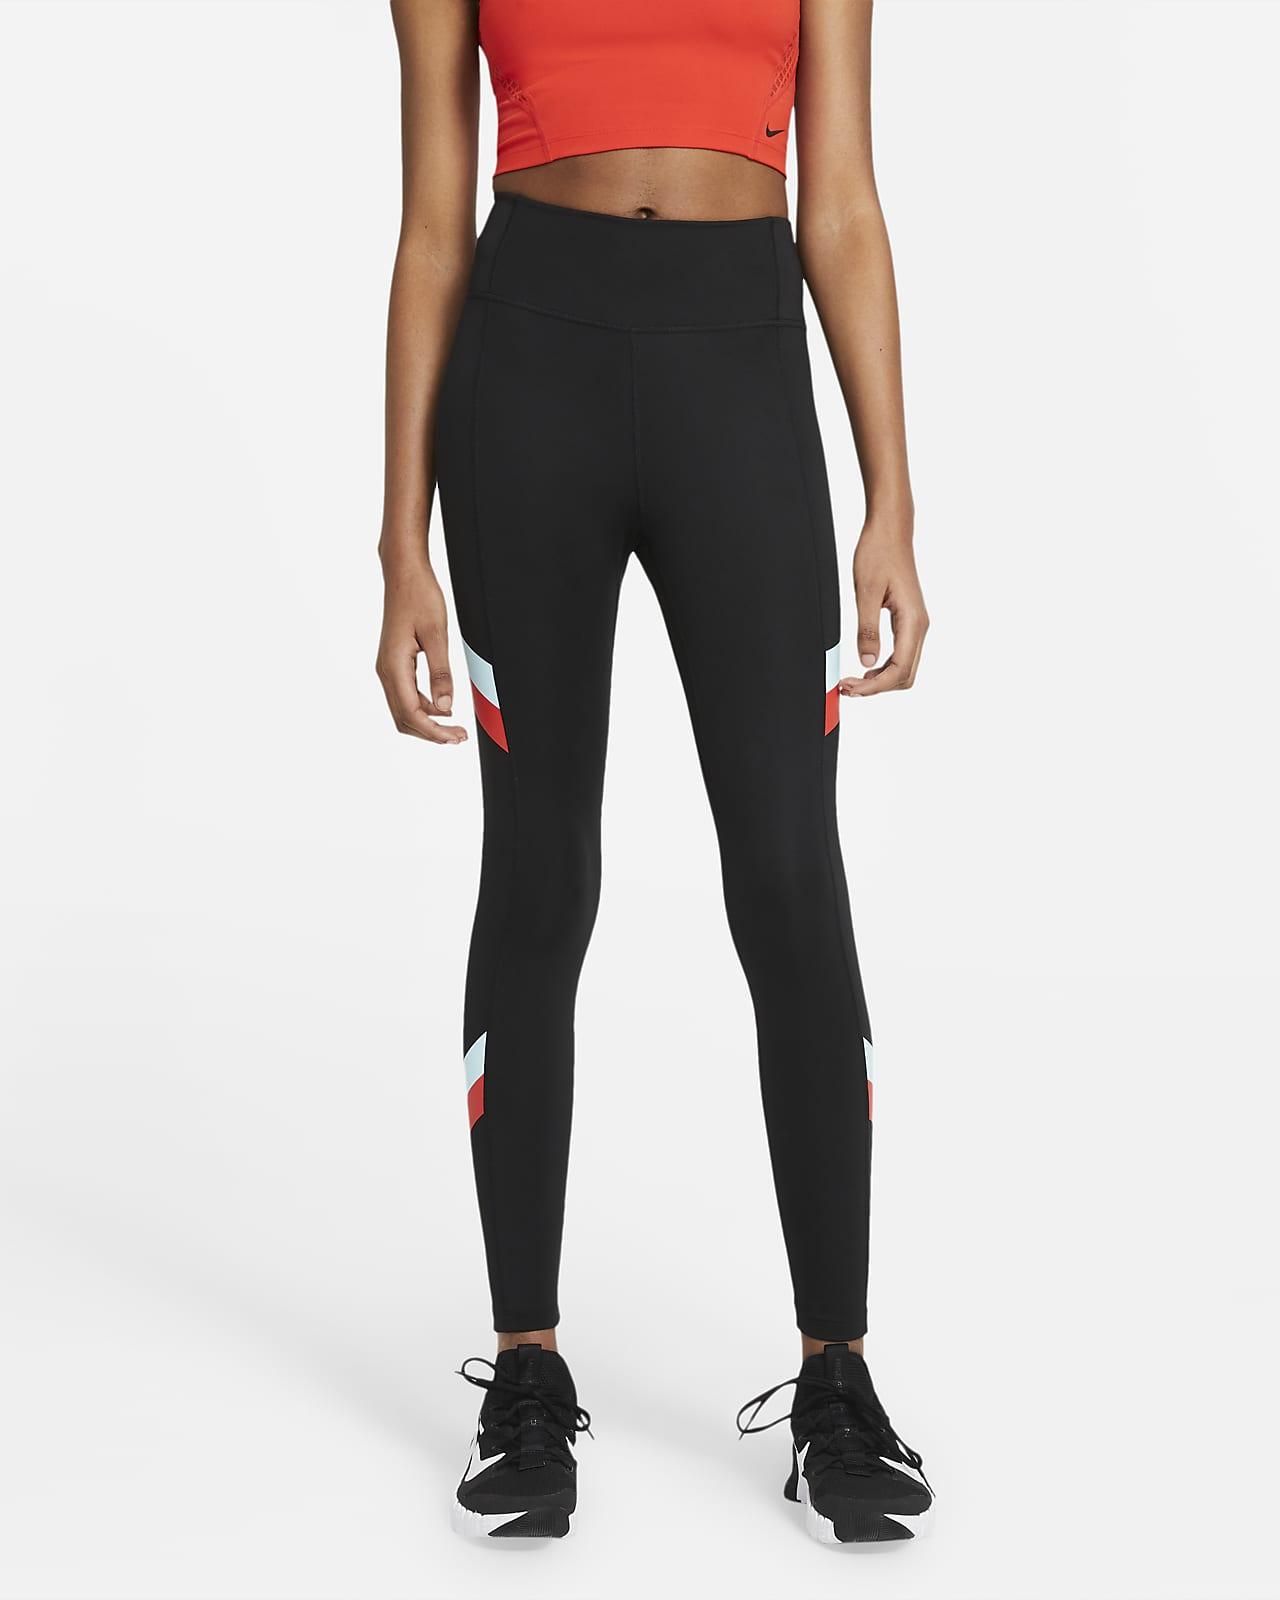 Nike One Normal Belli 7/8 Renk Bloklu Çizgili Kadın Taytı